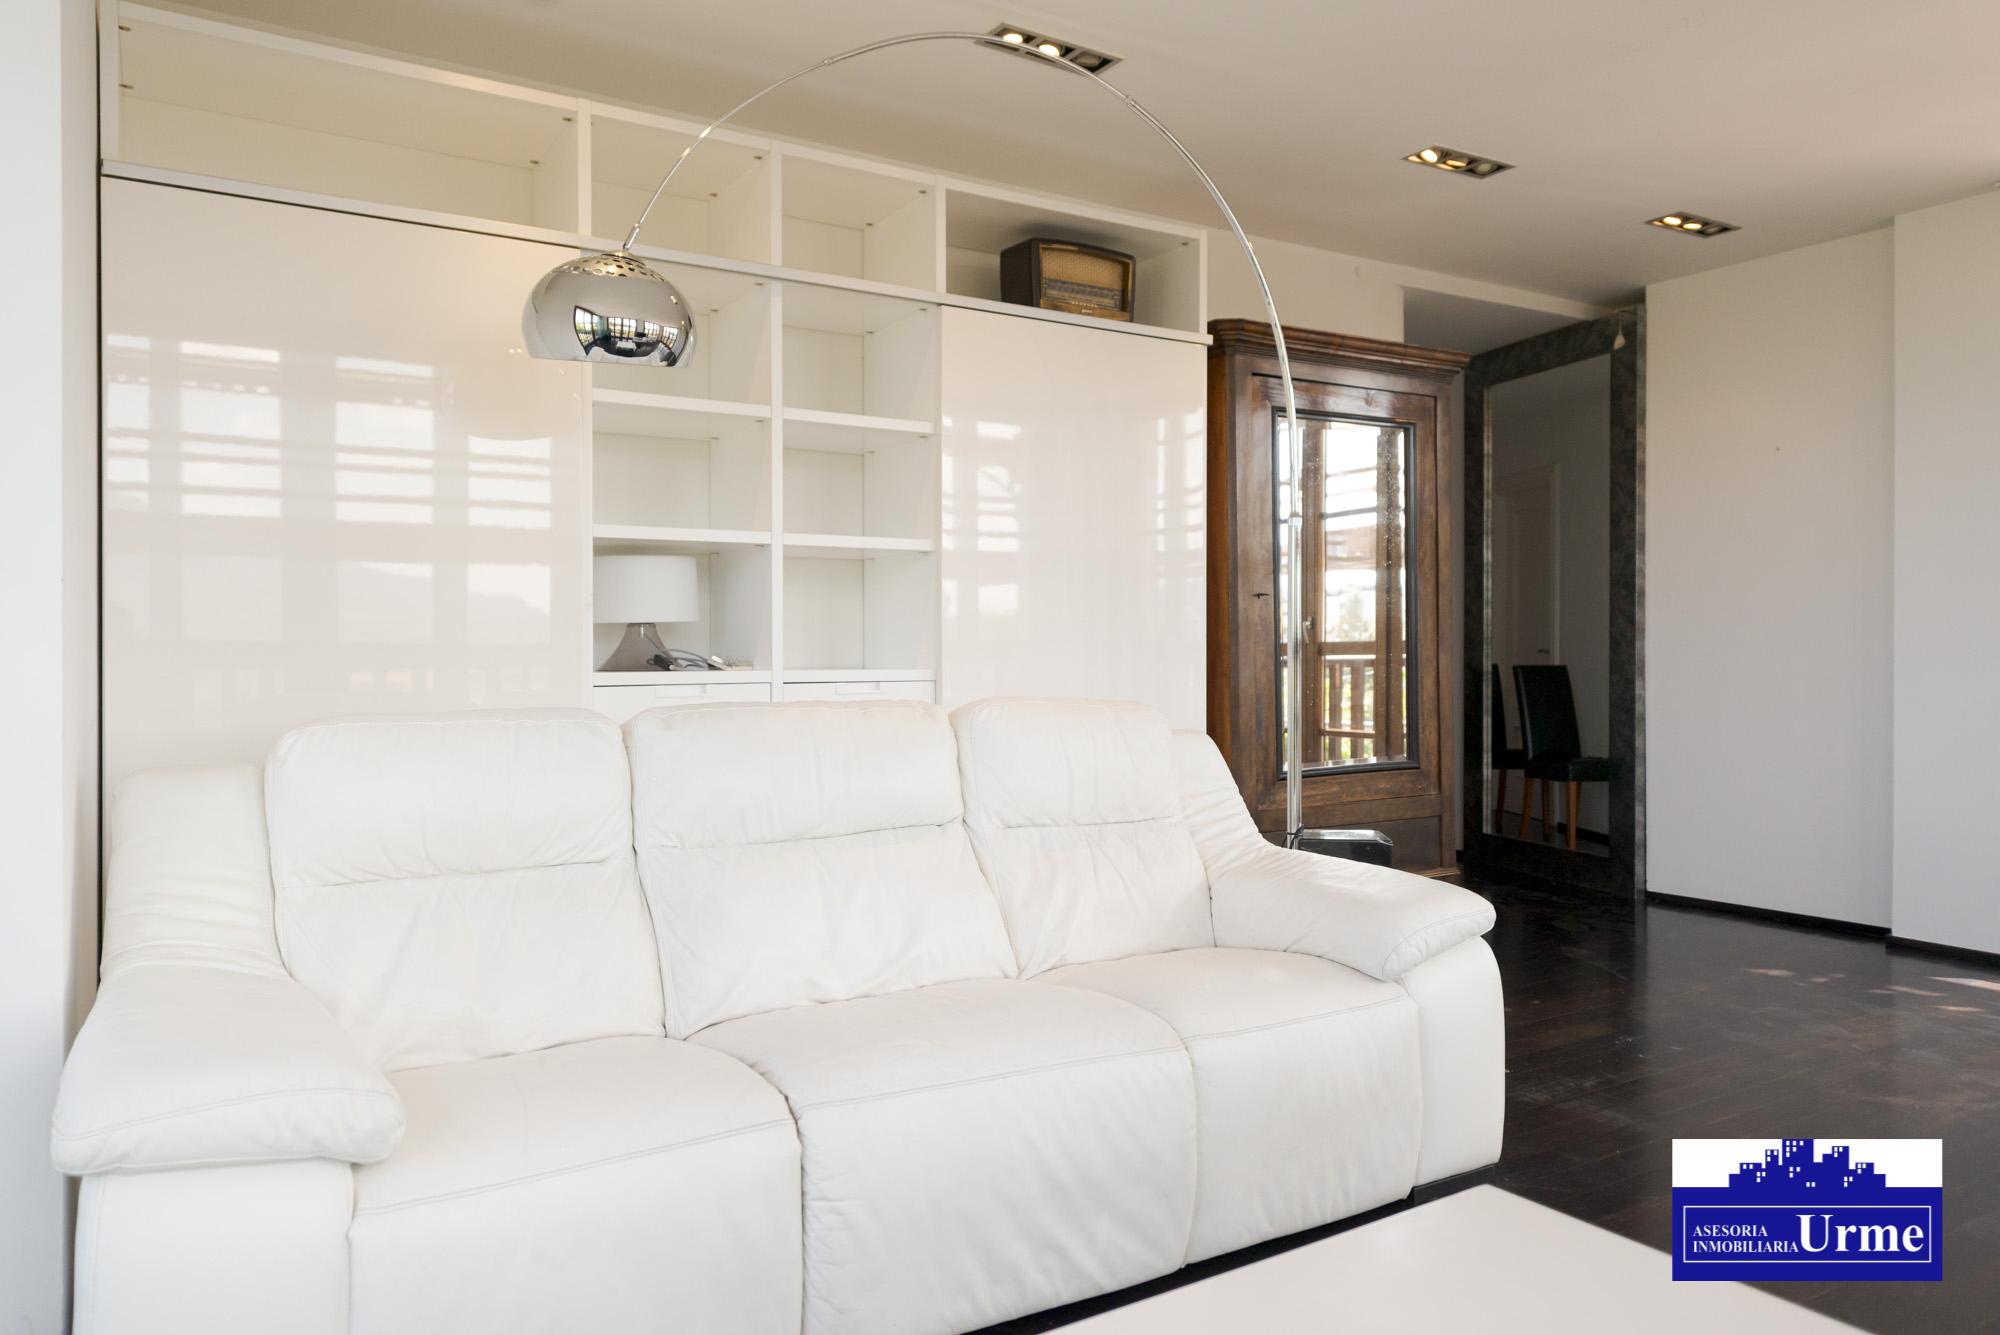 En Boyer,urbanizacion proxima al centro con piscina,3 habitaciones, gran salon,cocina y dos baños.Garaje doble. Informate